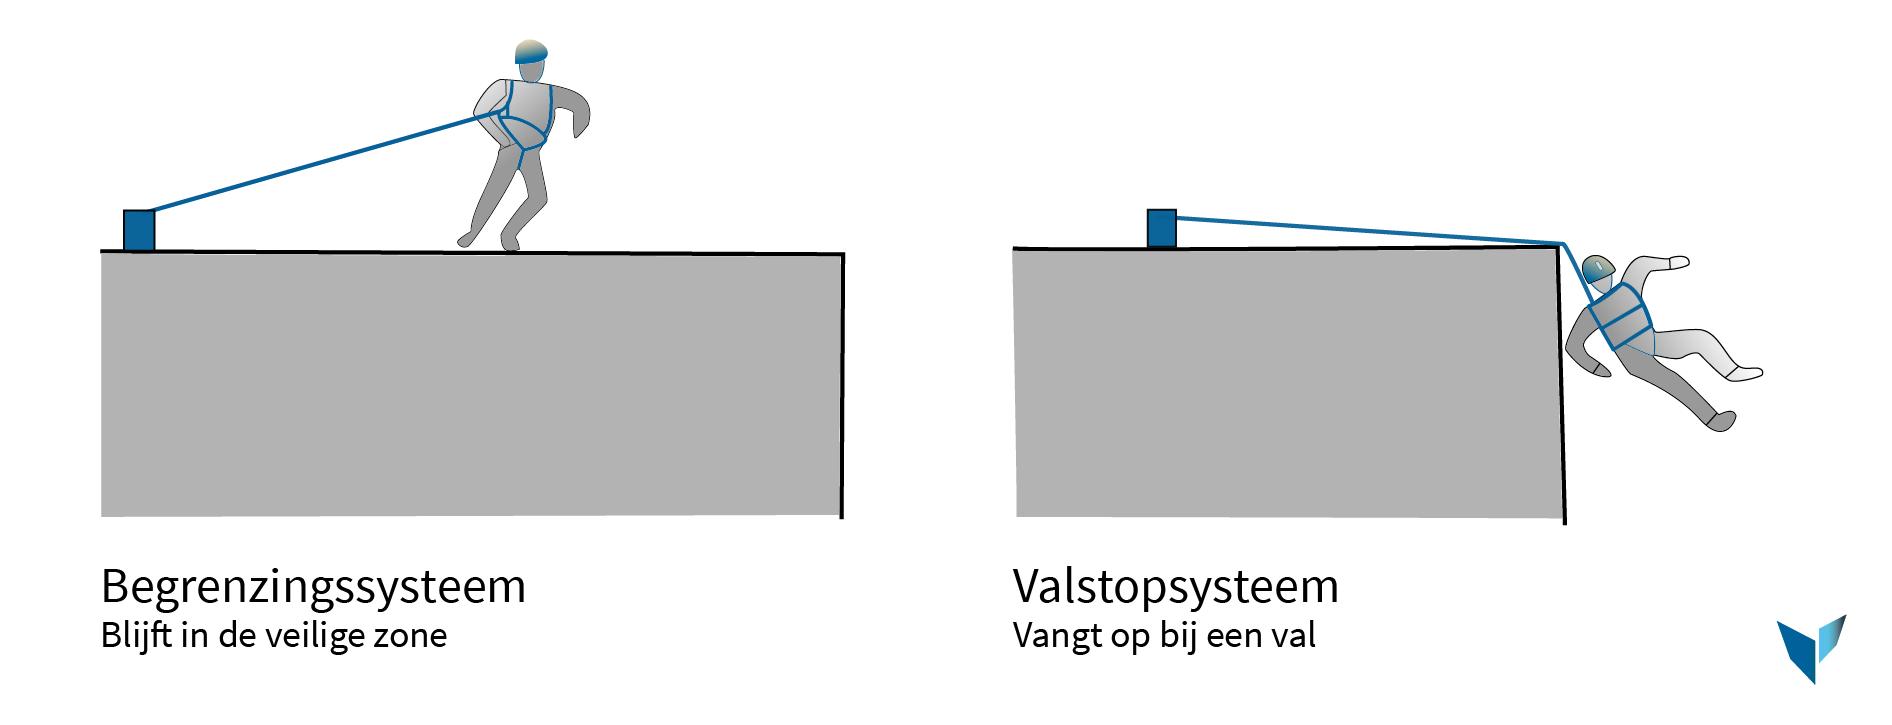 Begrenzing en valstopsysteem - Vlindar-01